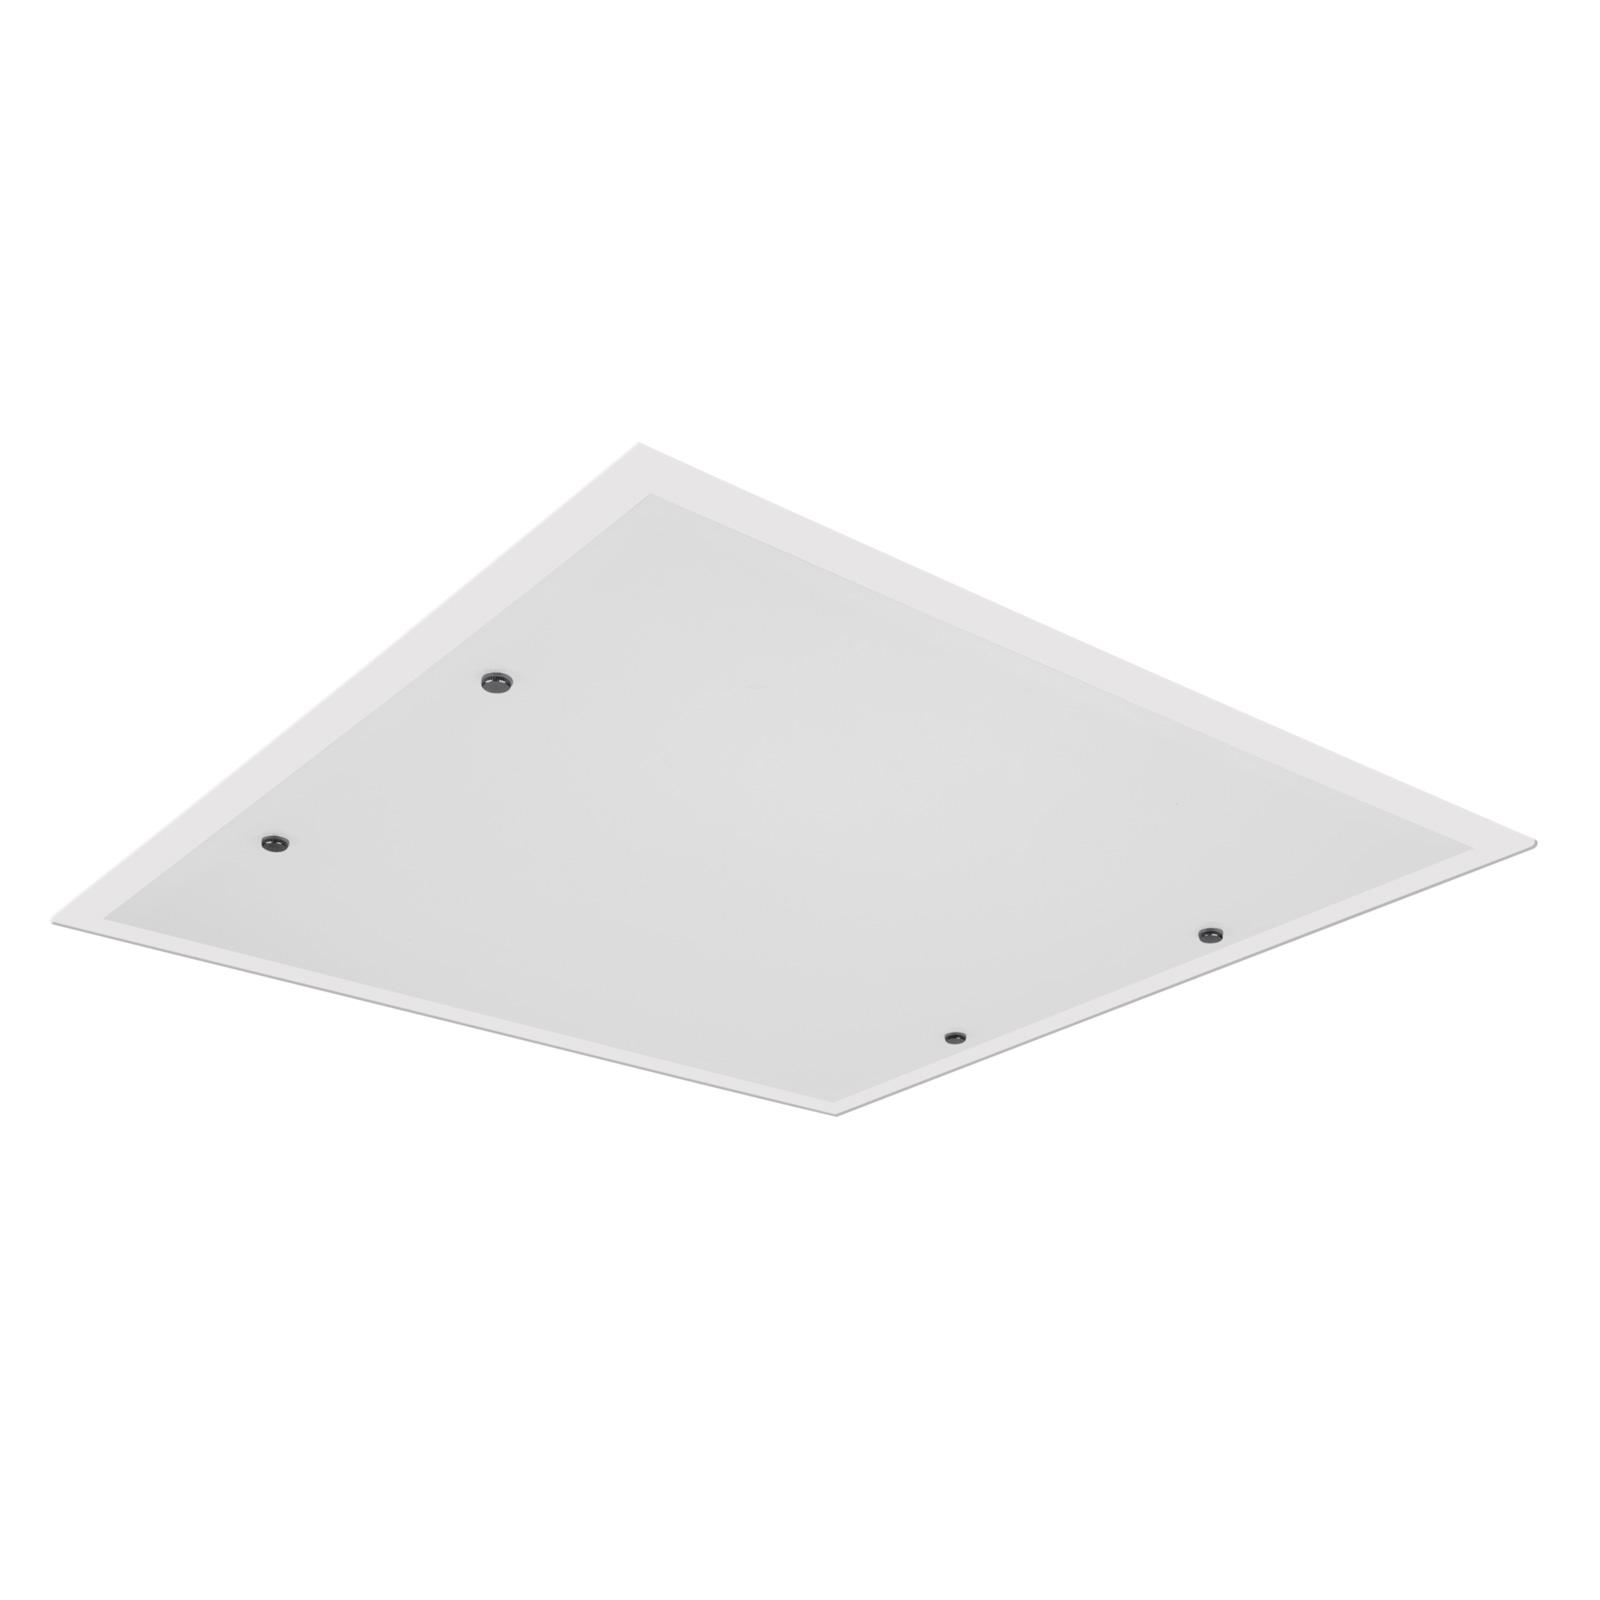 LEDVANCE Lunive Area LED plafondlamp 40cm 4.000K